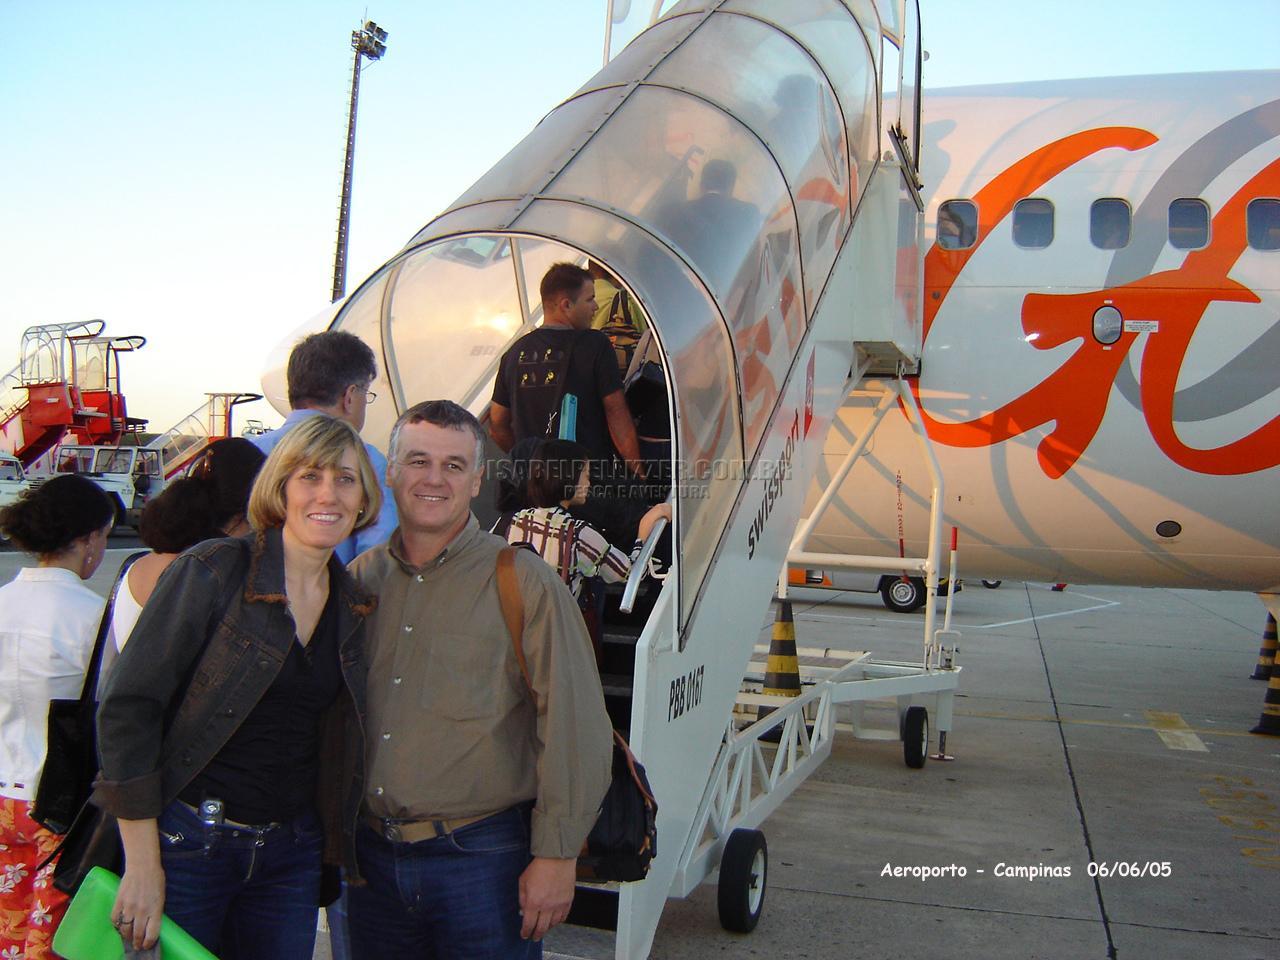 Imagem-Aeroporto Campinas-2 copy